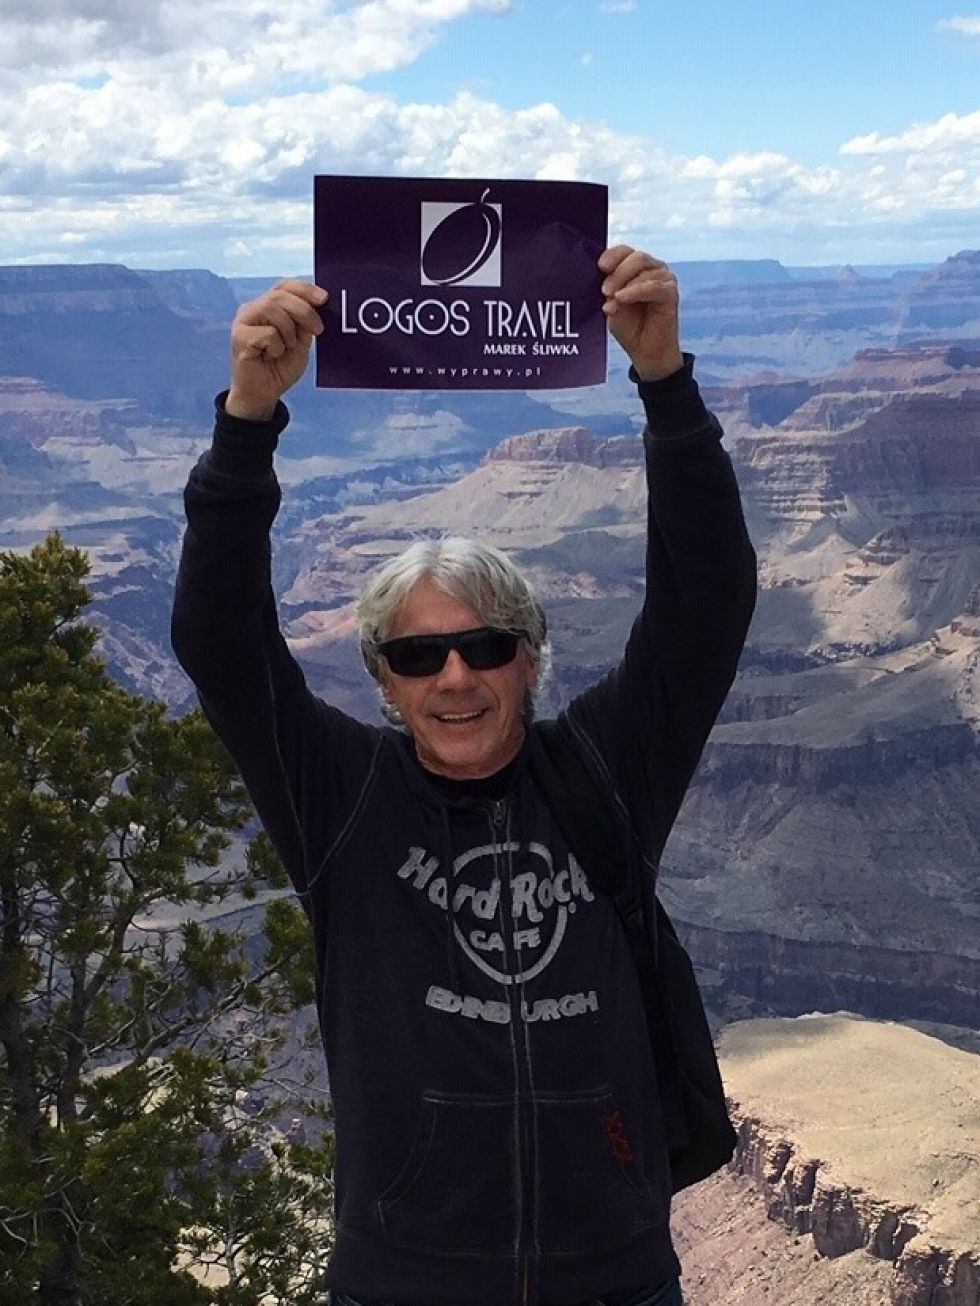 nasz pilot janusz z tabliczka logos travel na tle parku narodowego zion